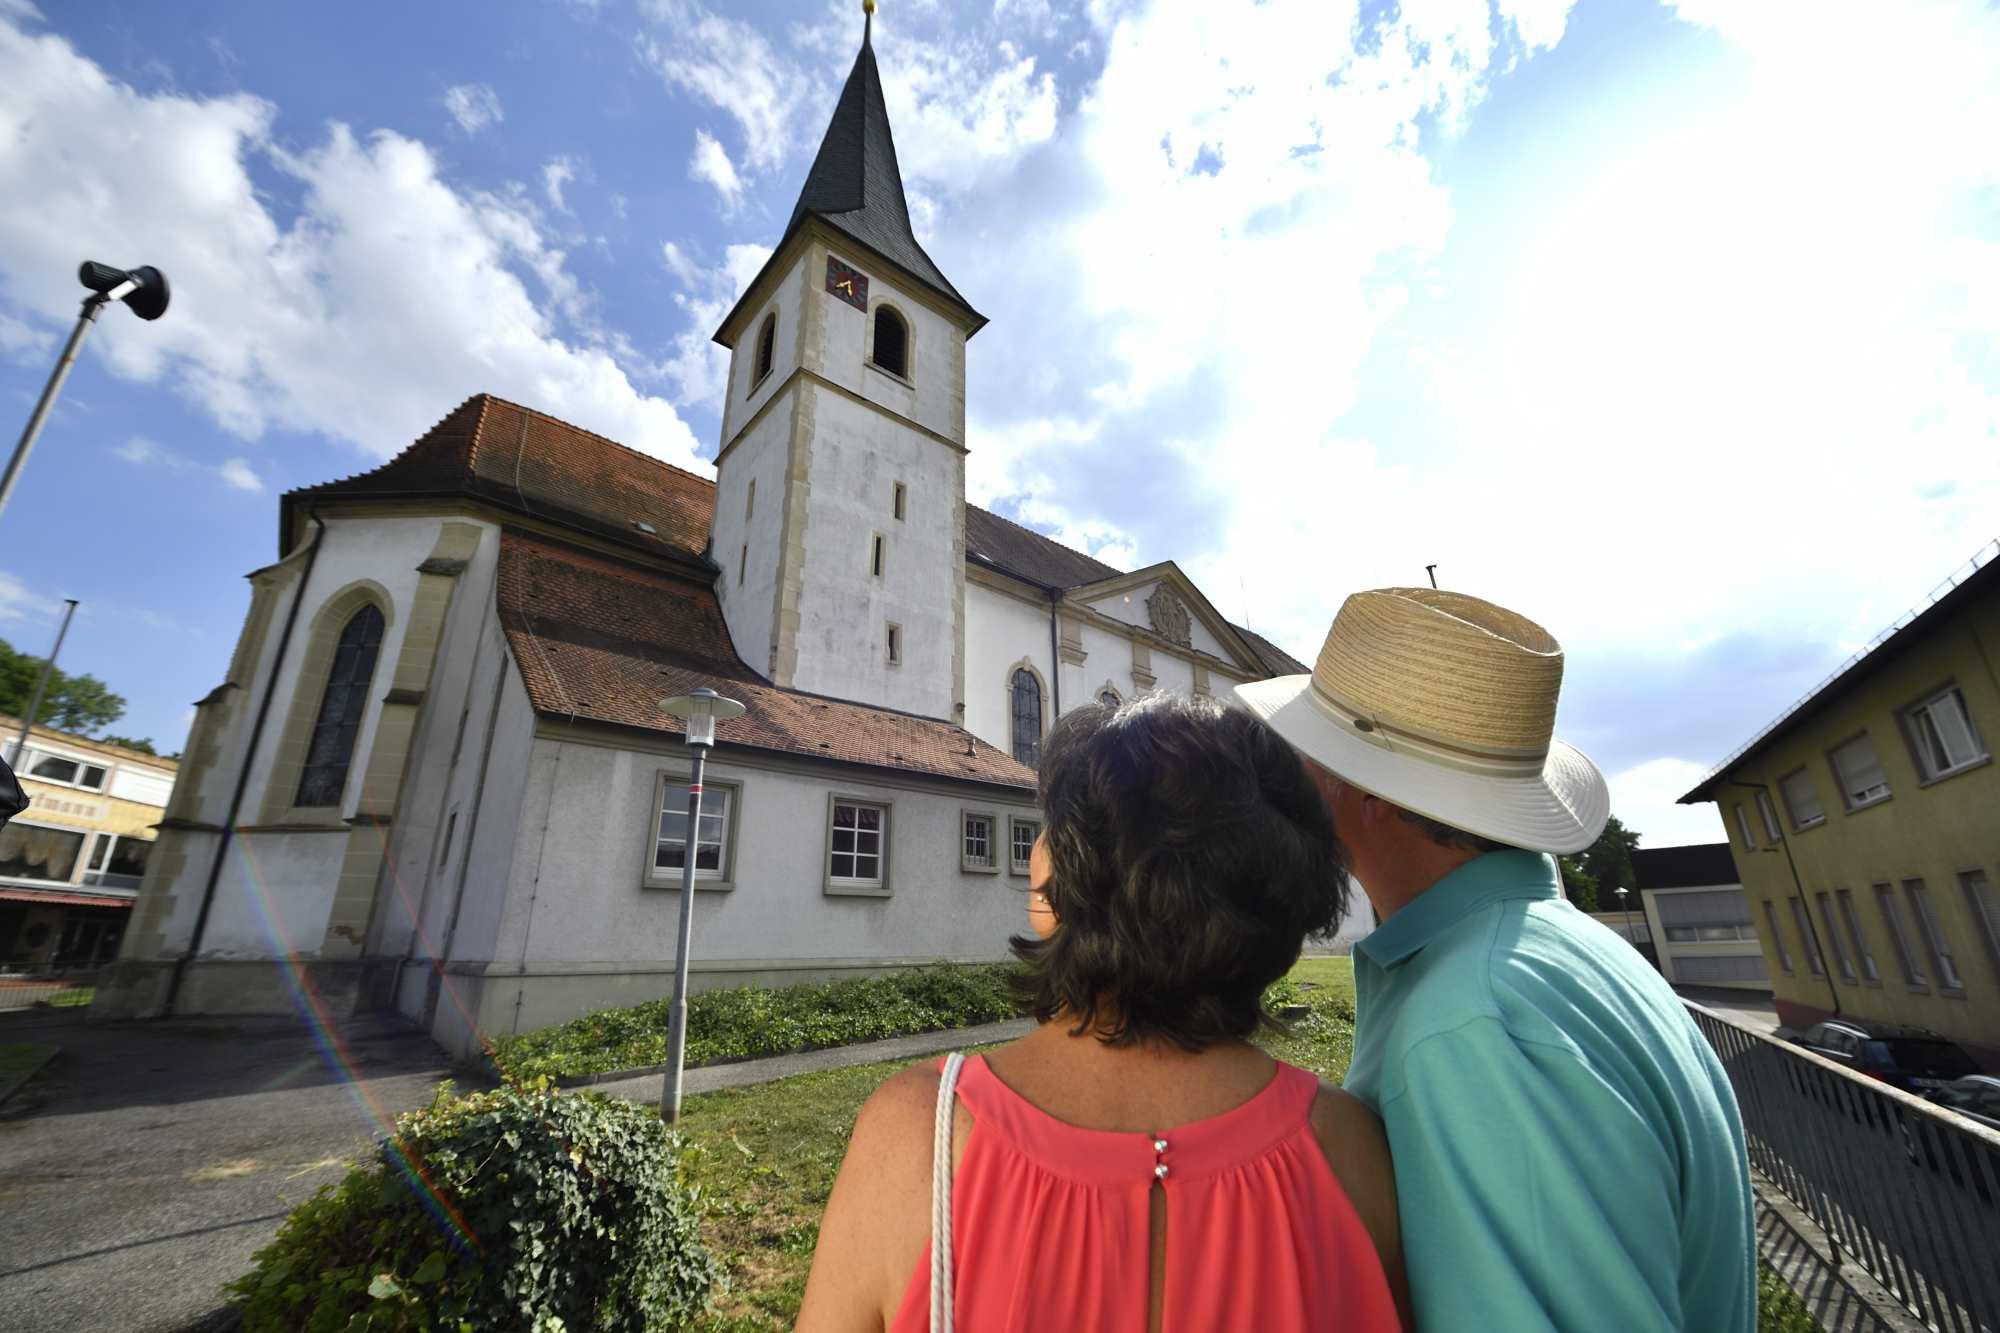 Eine Frau und ein Mann schauen auf die Pfarrkirche Langenbrücken